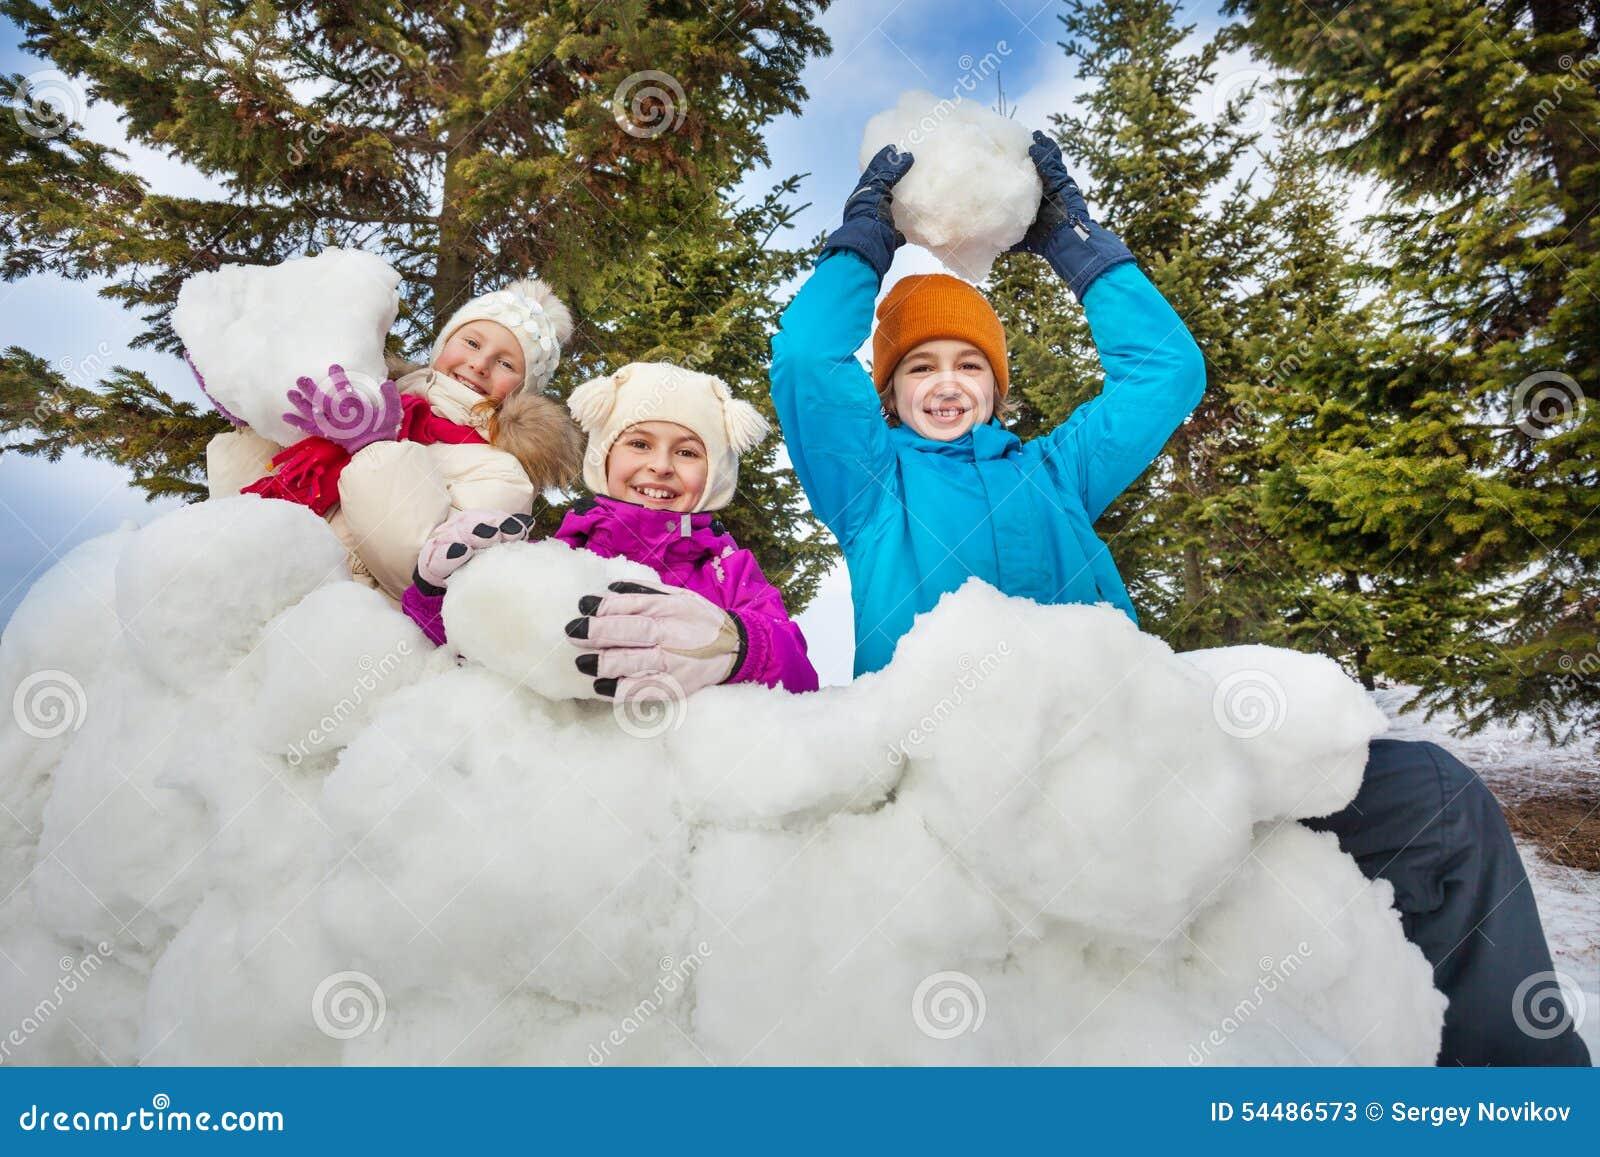 El Grupo De Ninos Felices Sostiene Bolas De Nieve Para Jugar Imagen